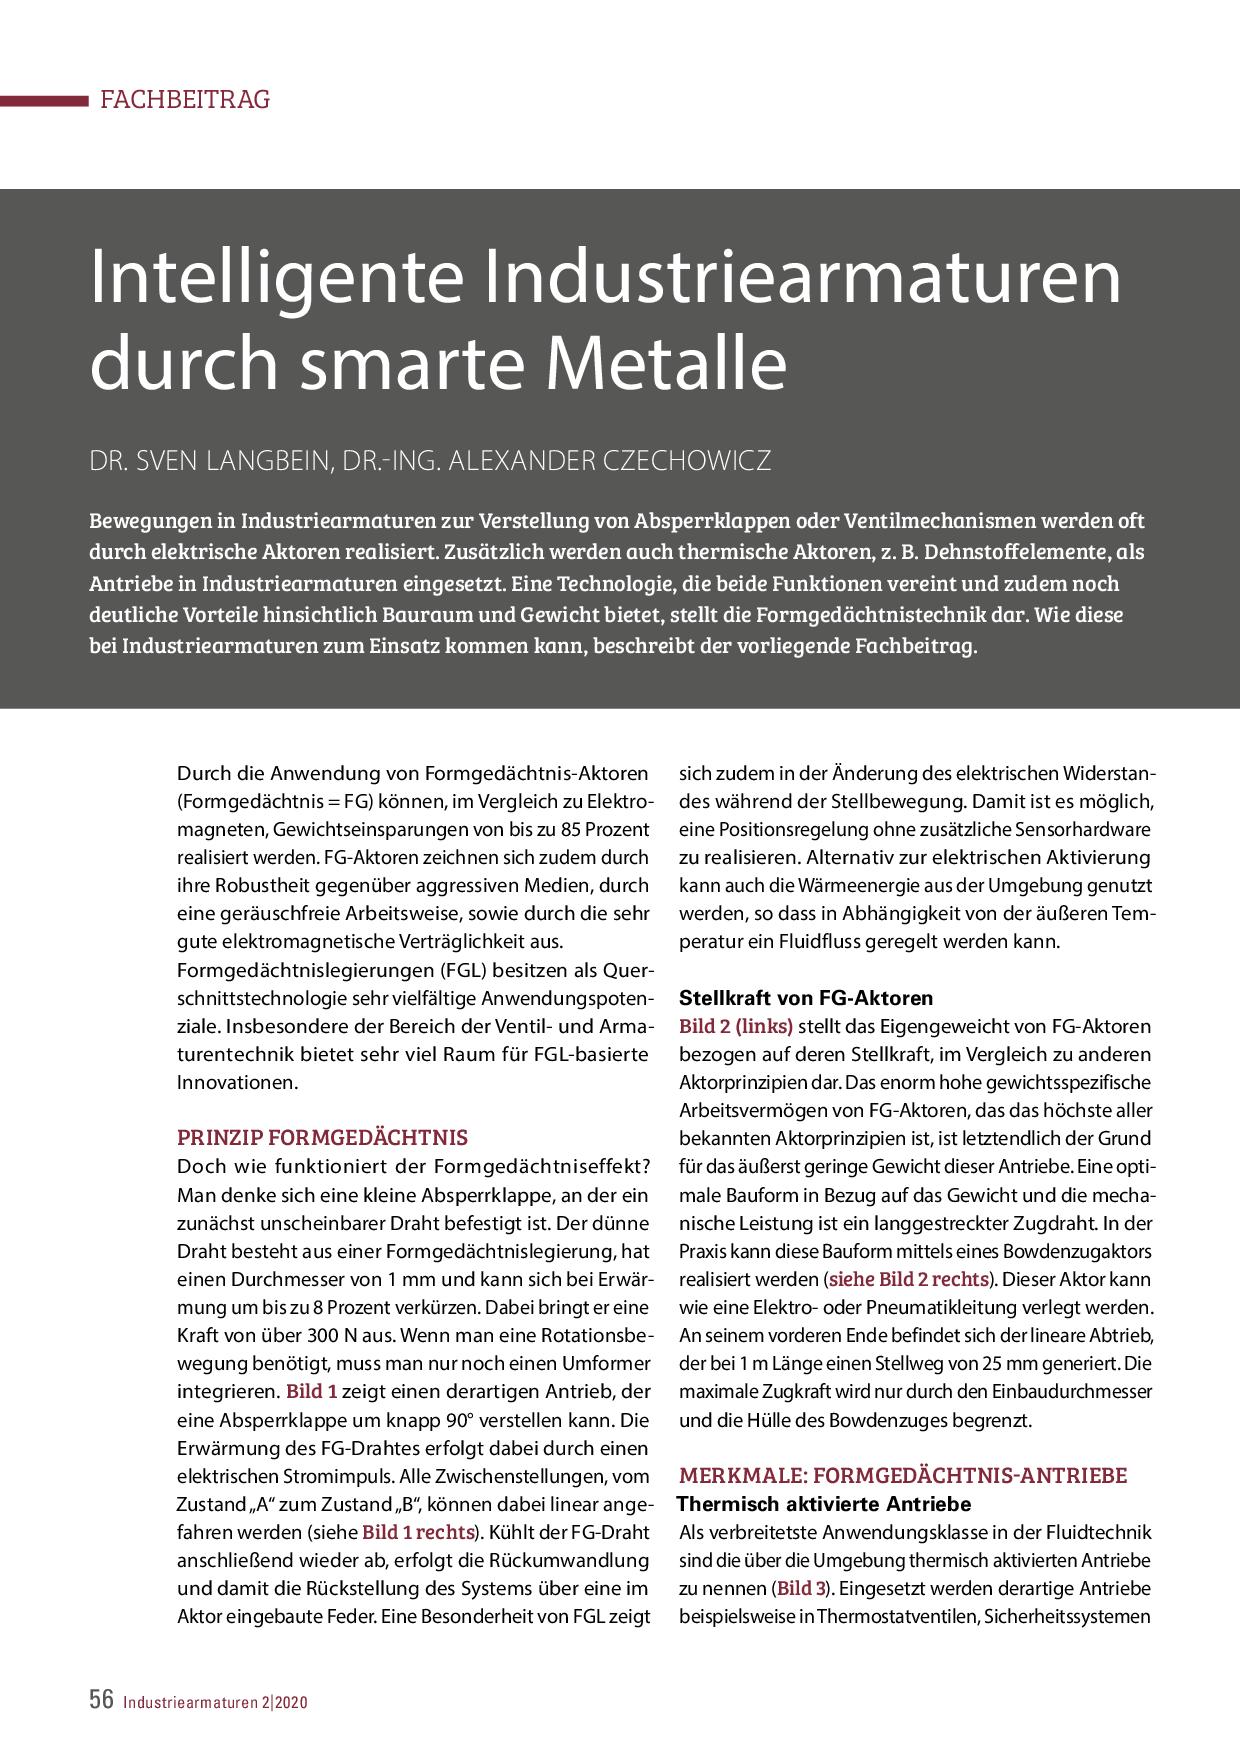 Intelligente Industriearmaturen durch smarte Metalle